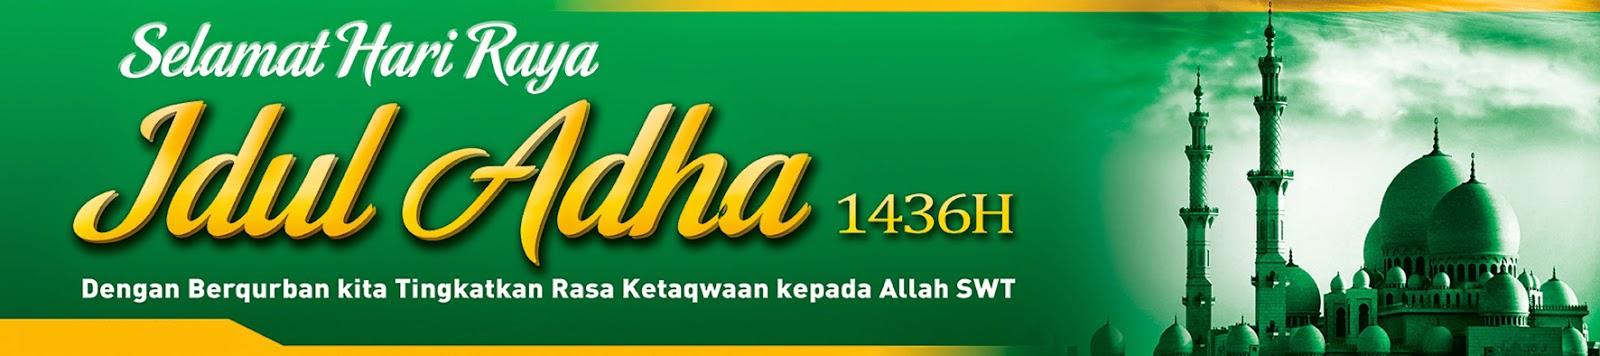 Contoh Spanduk Idul Adha Nusagates